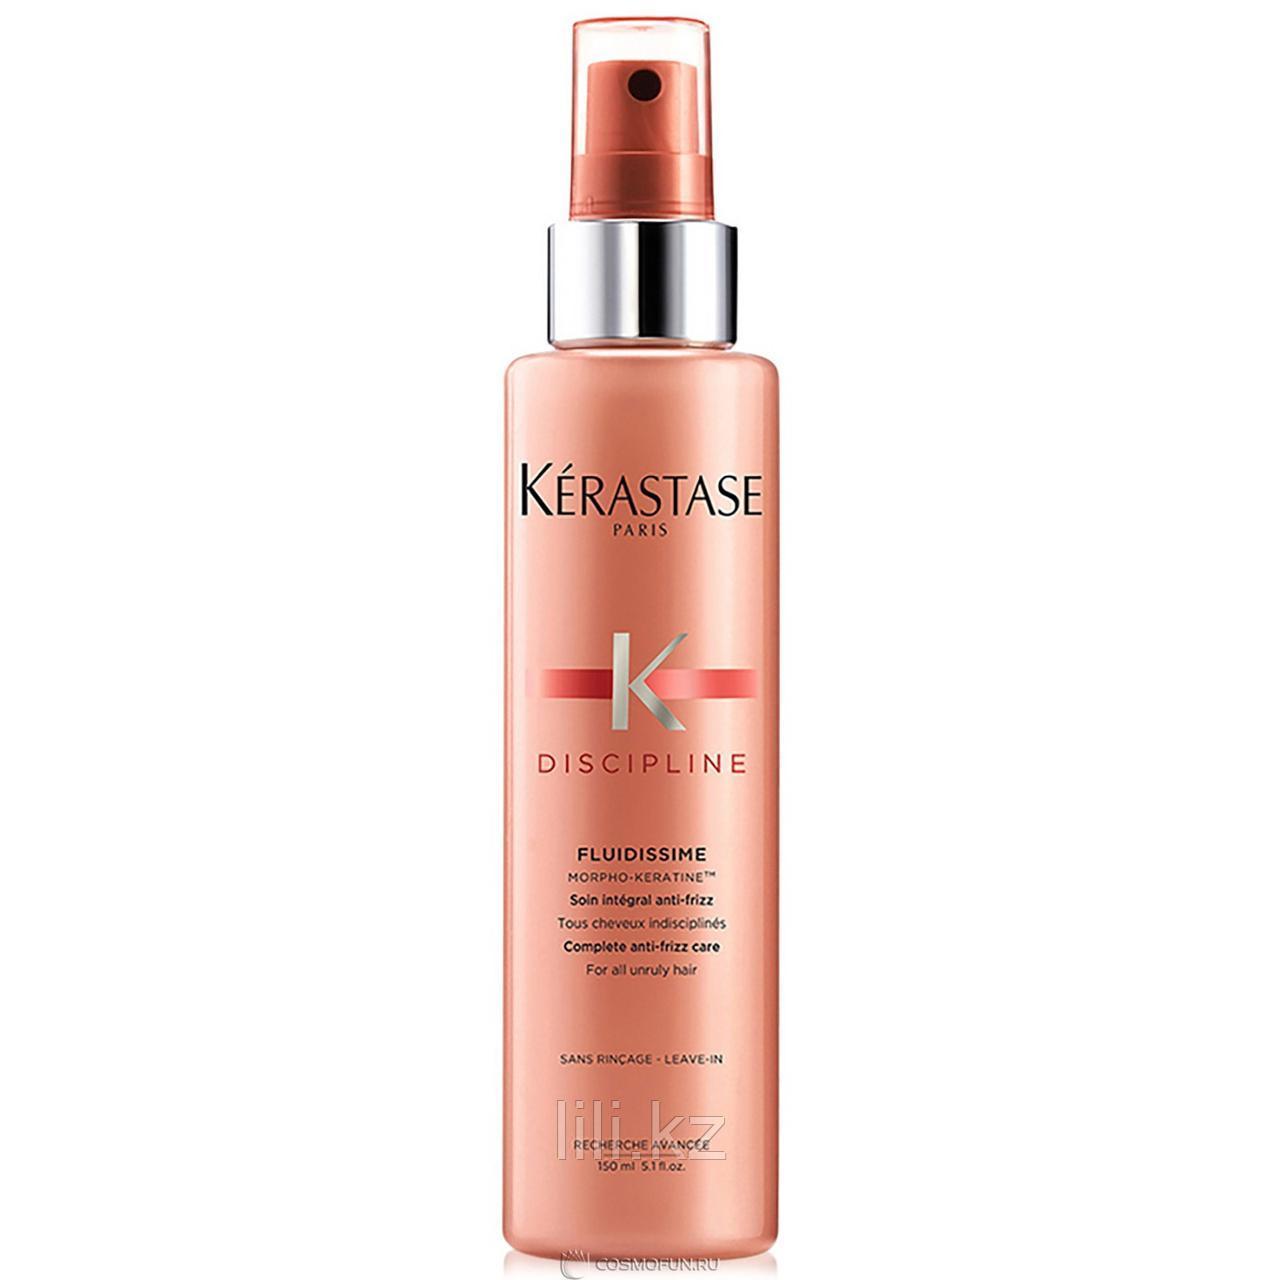 Спрей для гладкости и лёгкости волос в движении с термозащитой Kerastase Discipline Fluidissime Spray 150 мл.